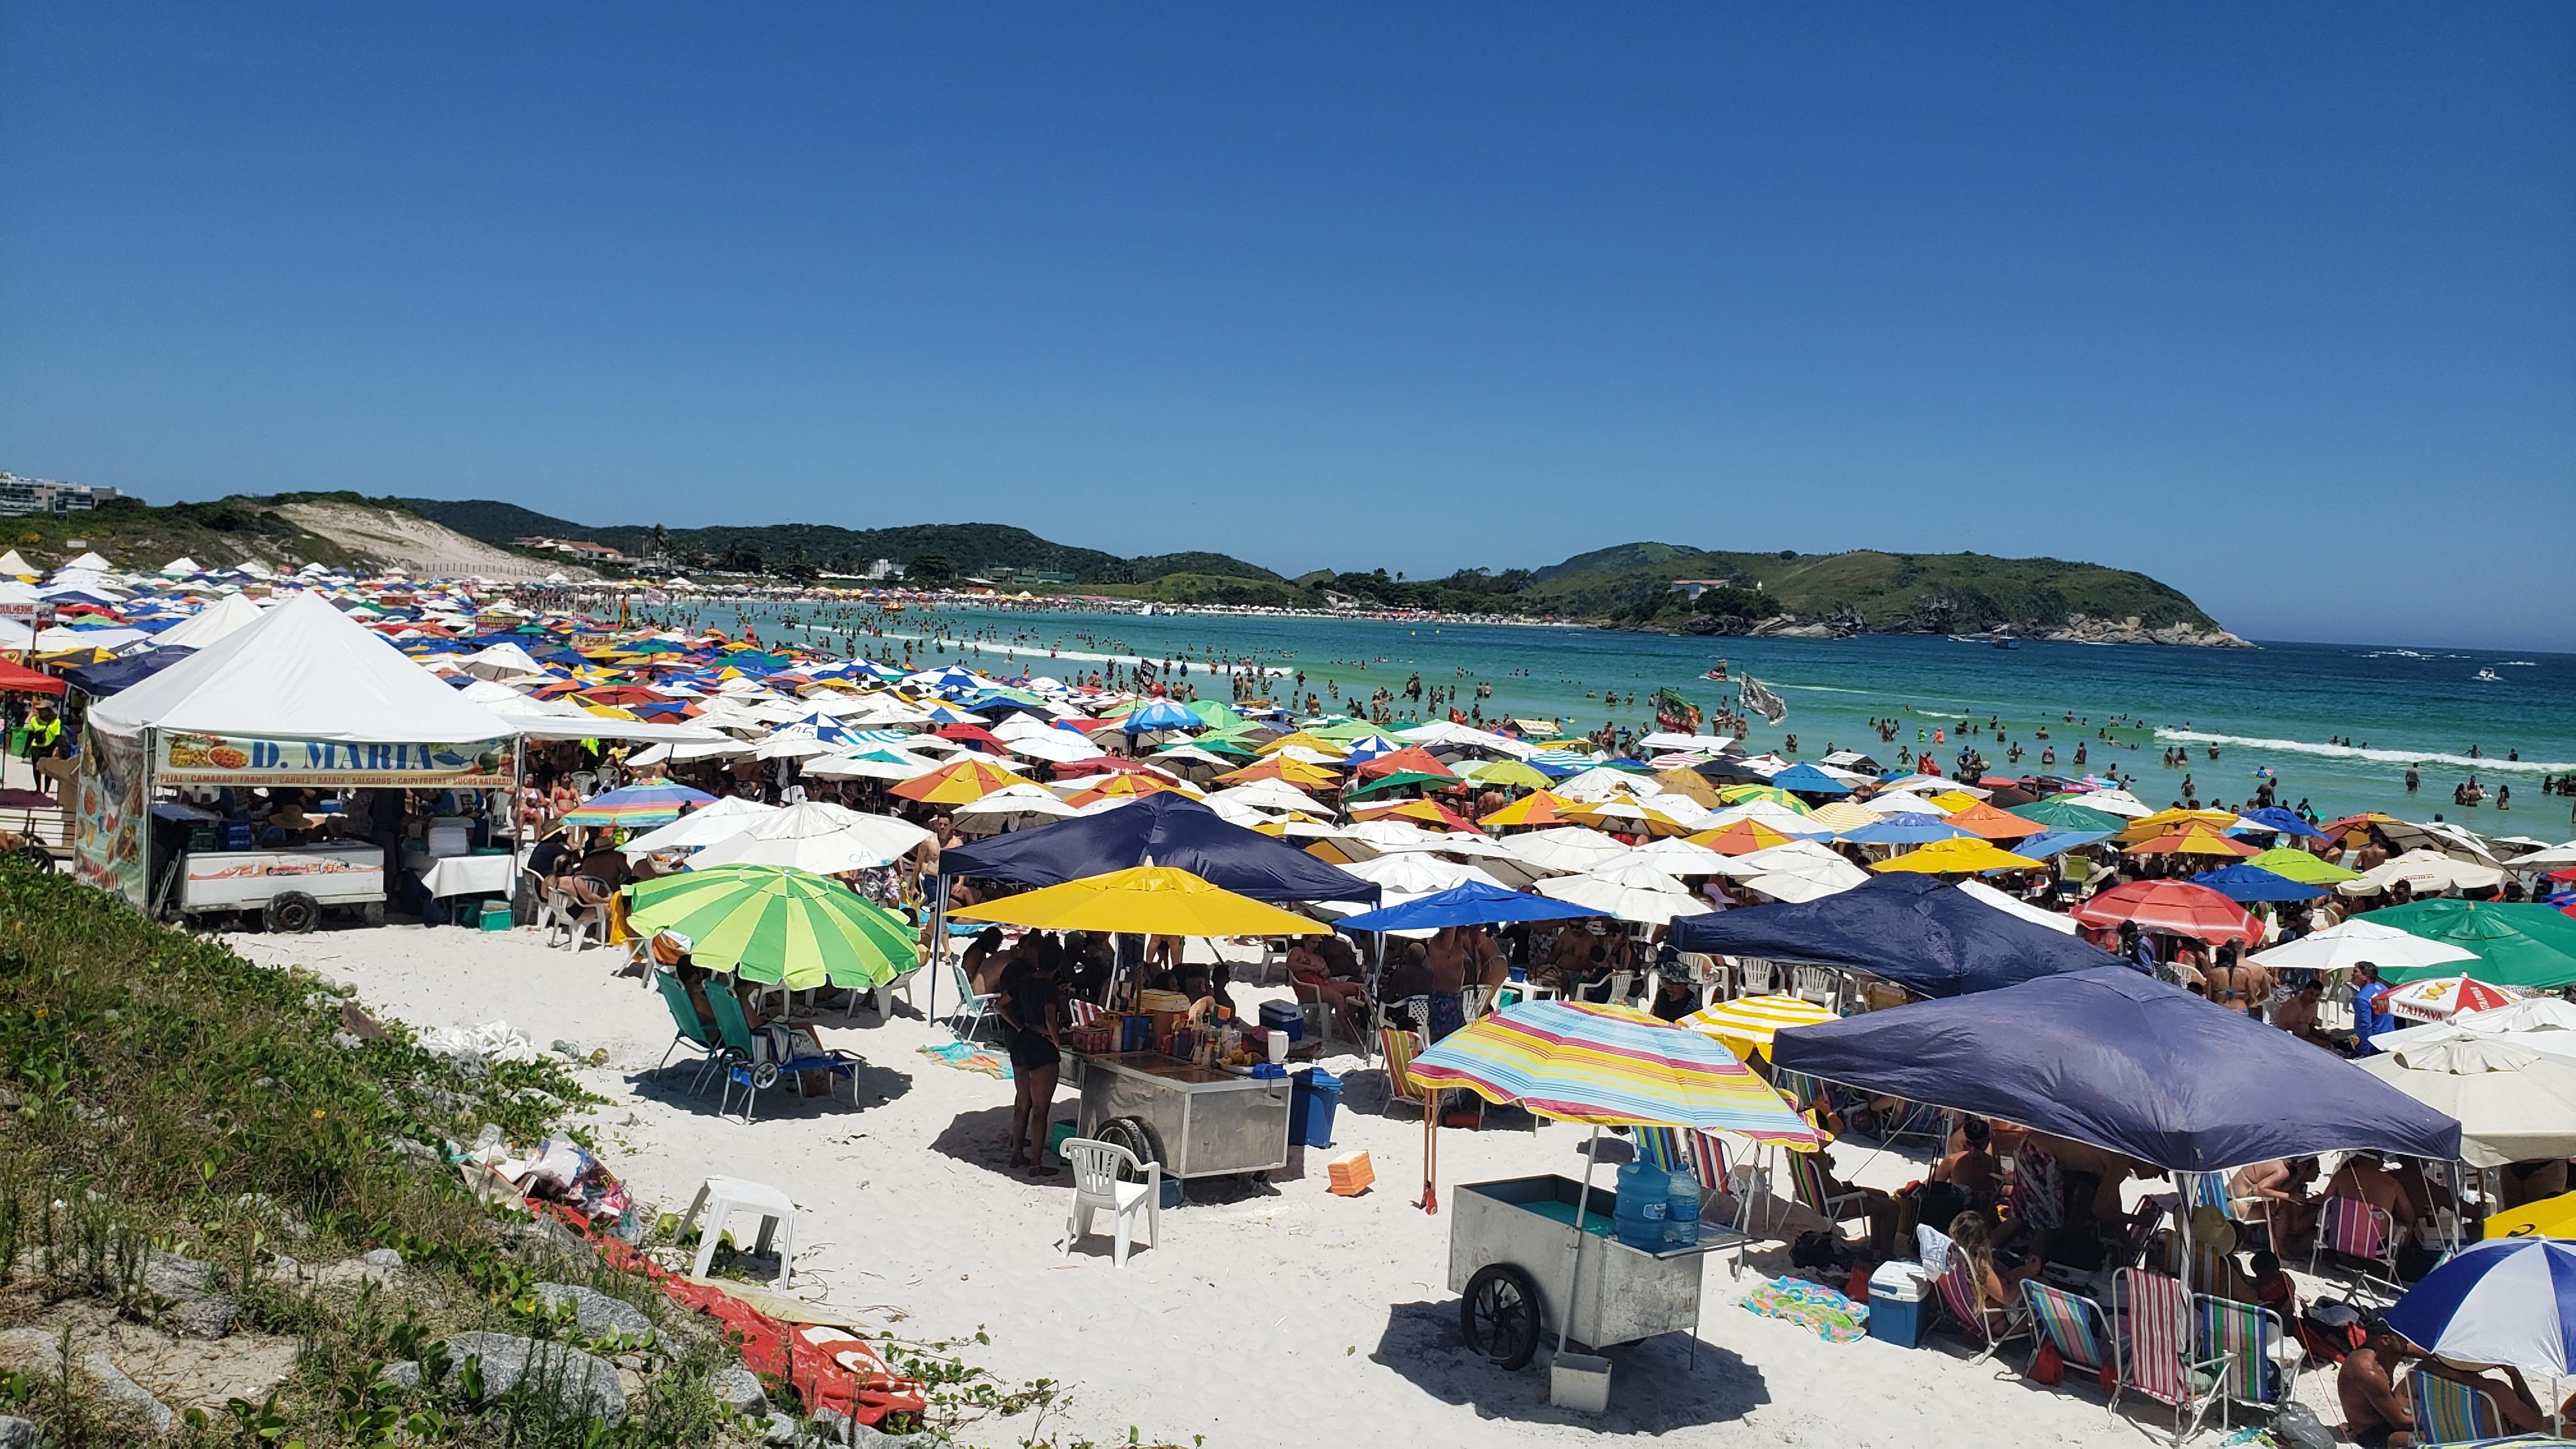 Decreto suspende obrigatoriedade de apresentação de teste negativo da Covid-19 para turistas em Cabo Frio, no RJ